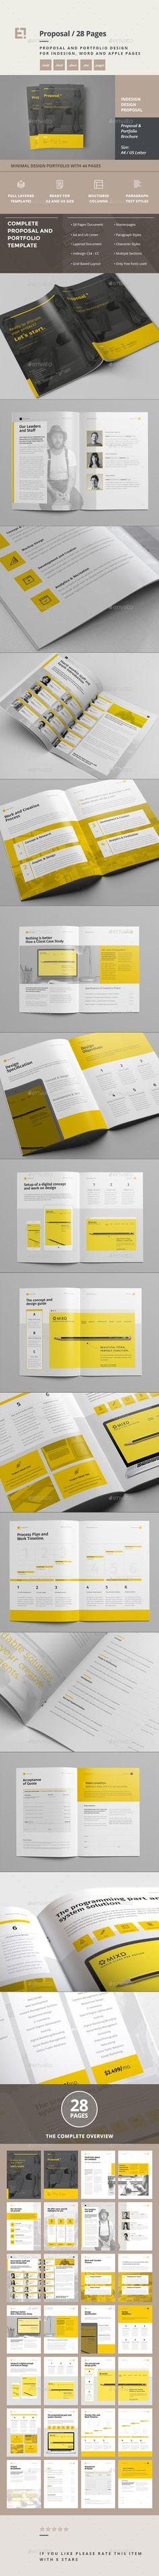 Proposal Template InDesign INDD #design Download: http://graphicriver.net/item/proposal/14319118?ref=ksioks